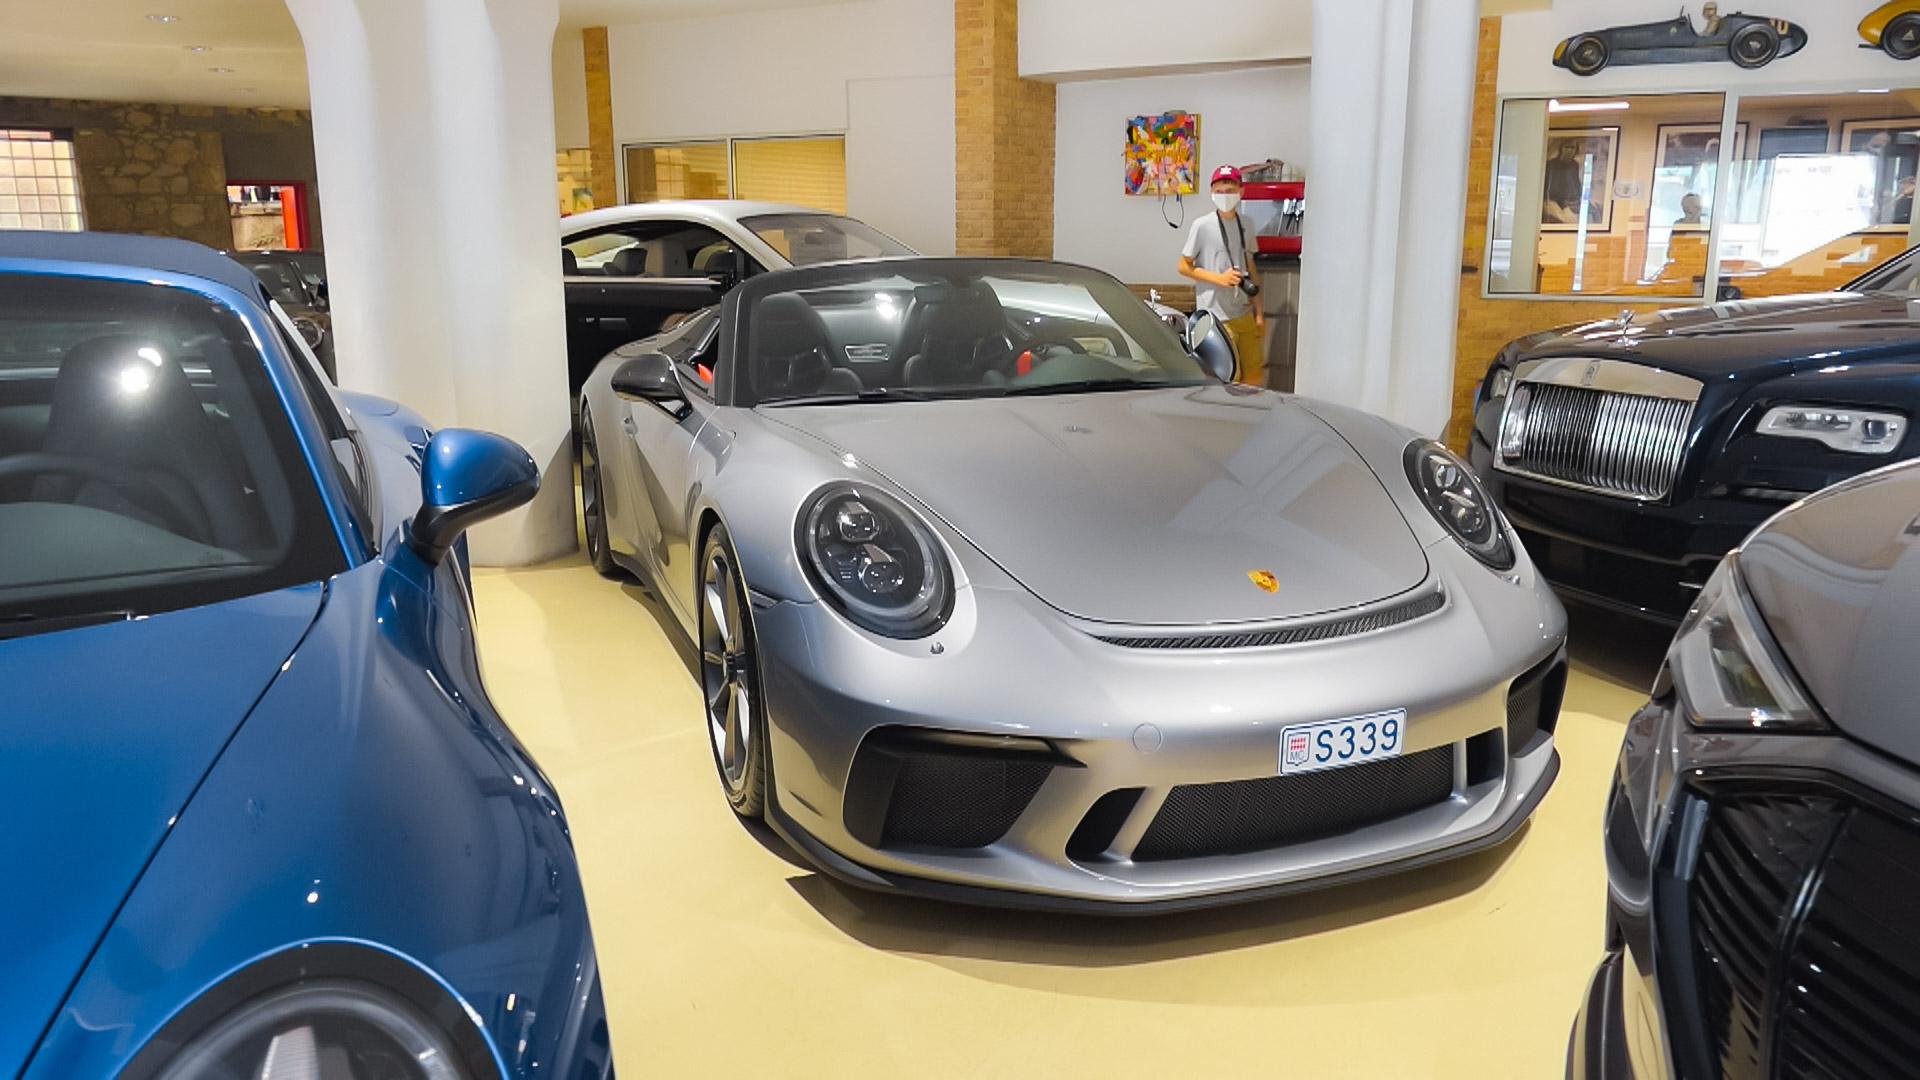 Porsche 991 Speedster - S339 (MC)